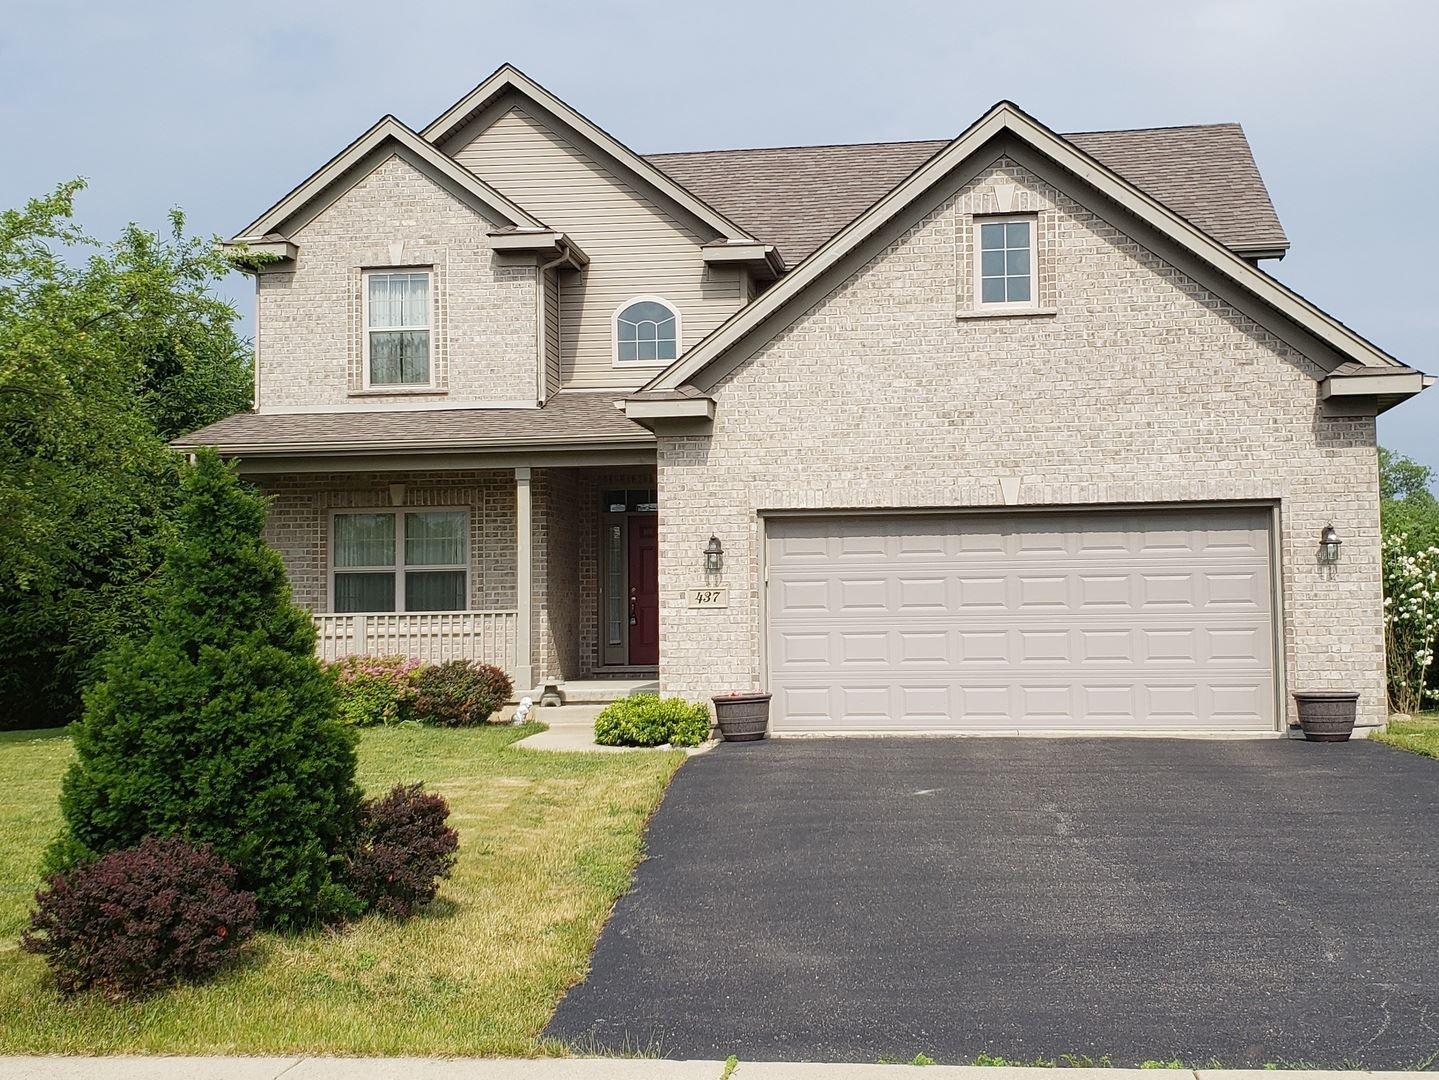 437 MEGAN Place, Winthrop Harbor, IL 60096 - #: 10660913